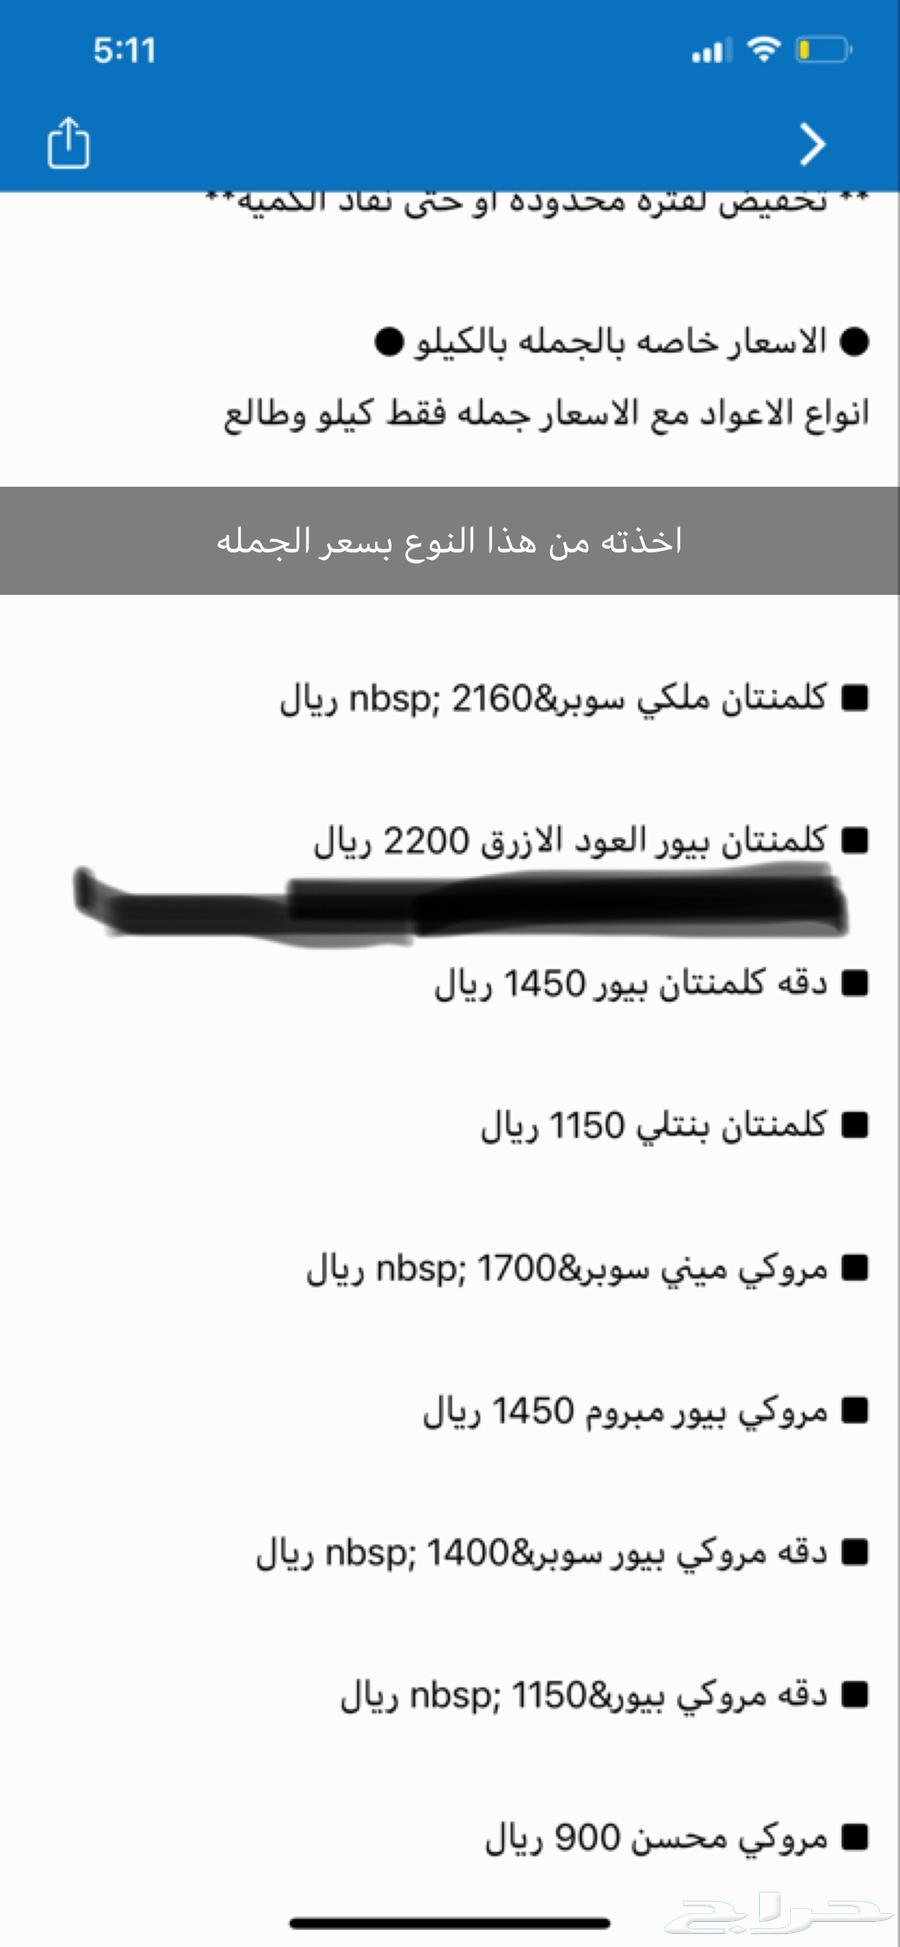 عود كلمنتان يا أهل العود و البسطات